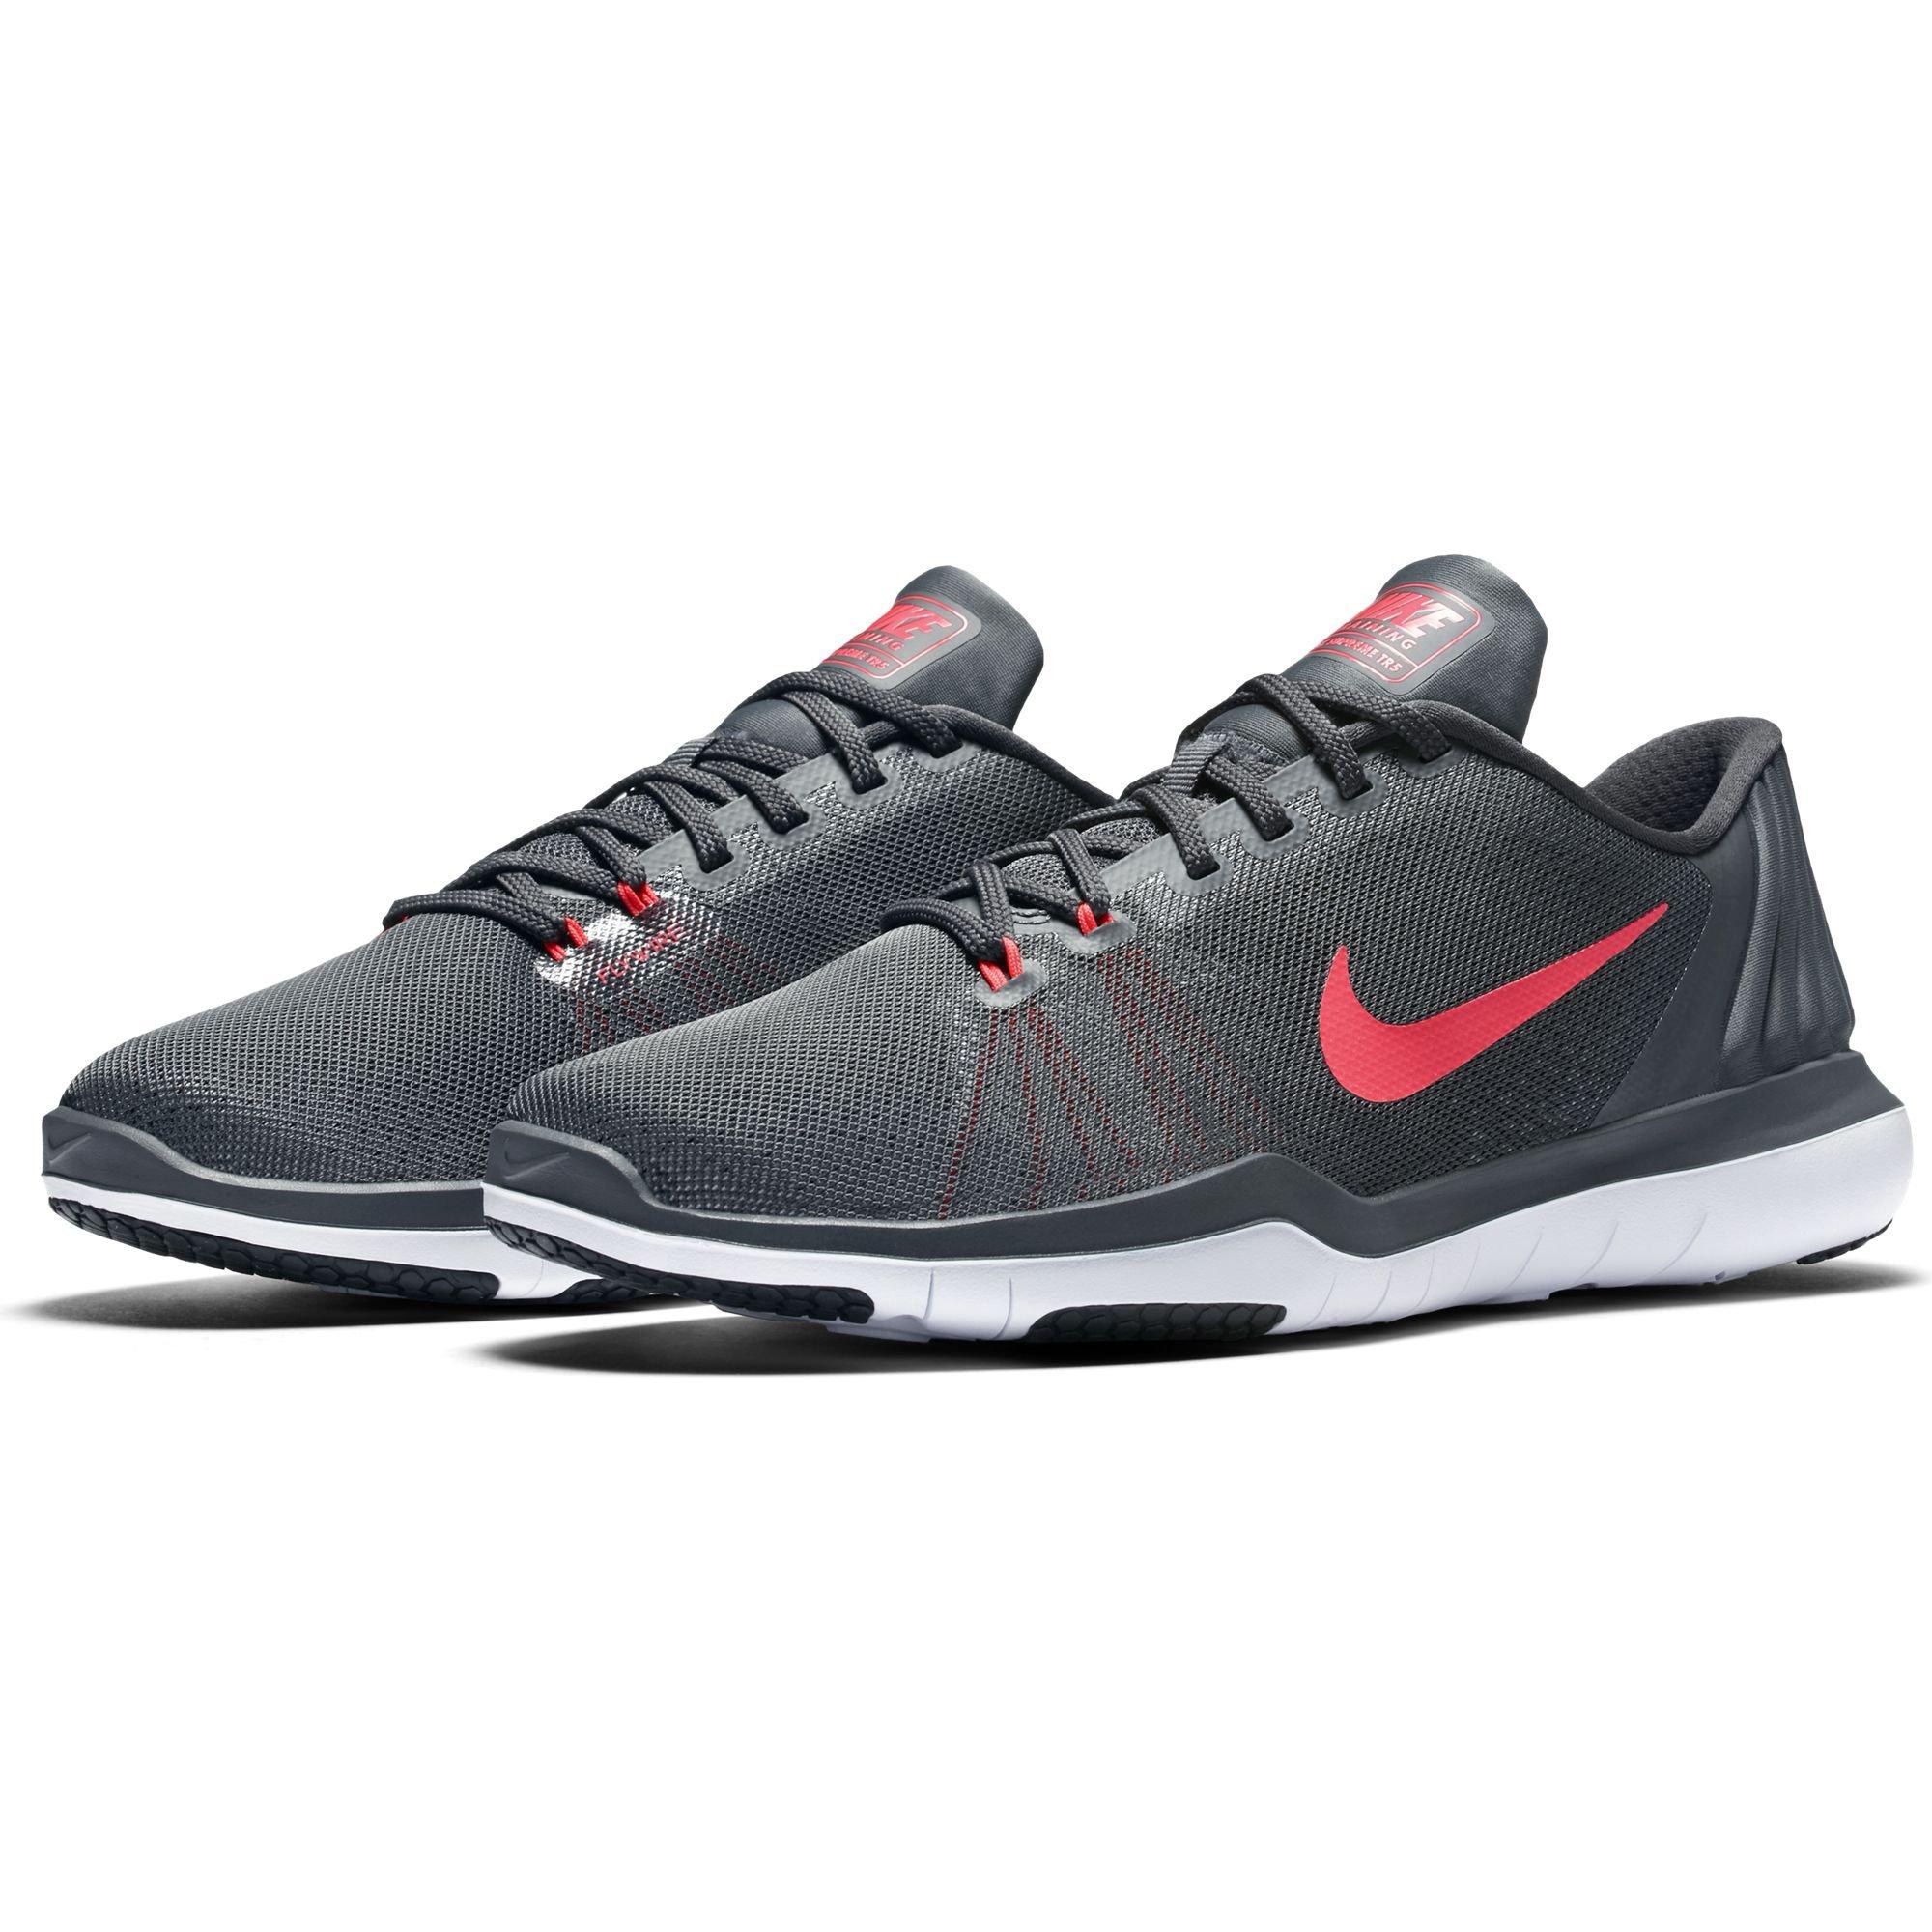 ebc62b8f18b6b Galleon - Nike Women s Flex Supreme TR 5 Cross Training Shoe